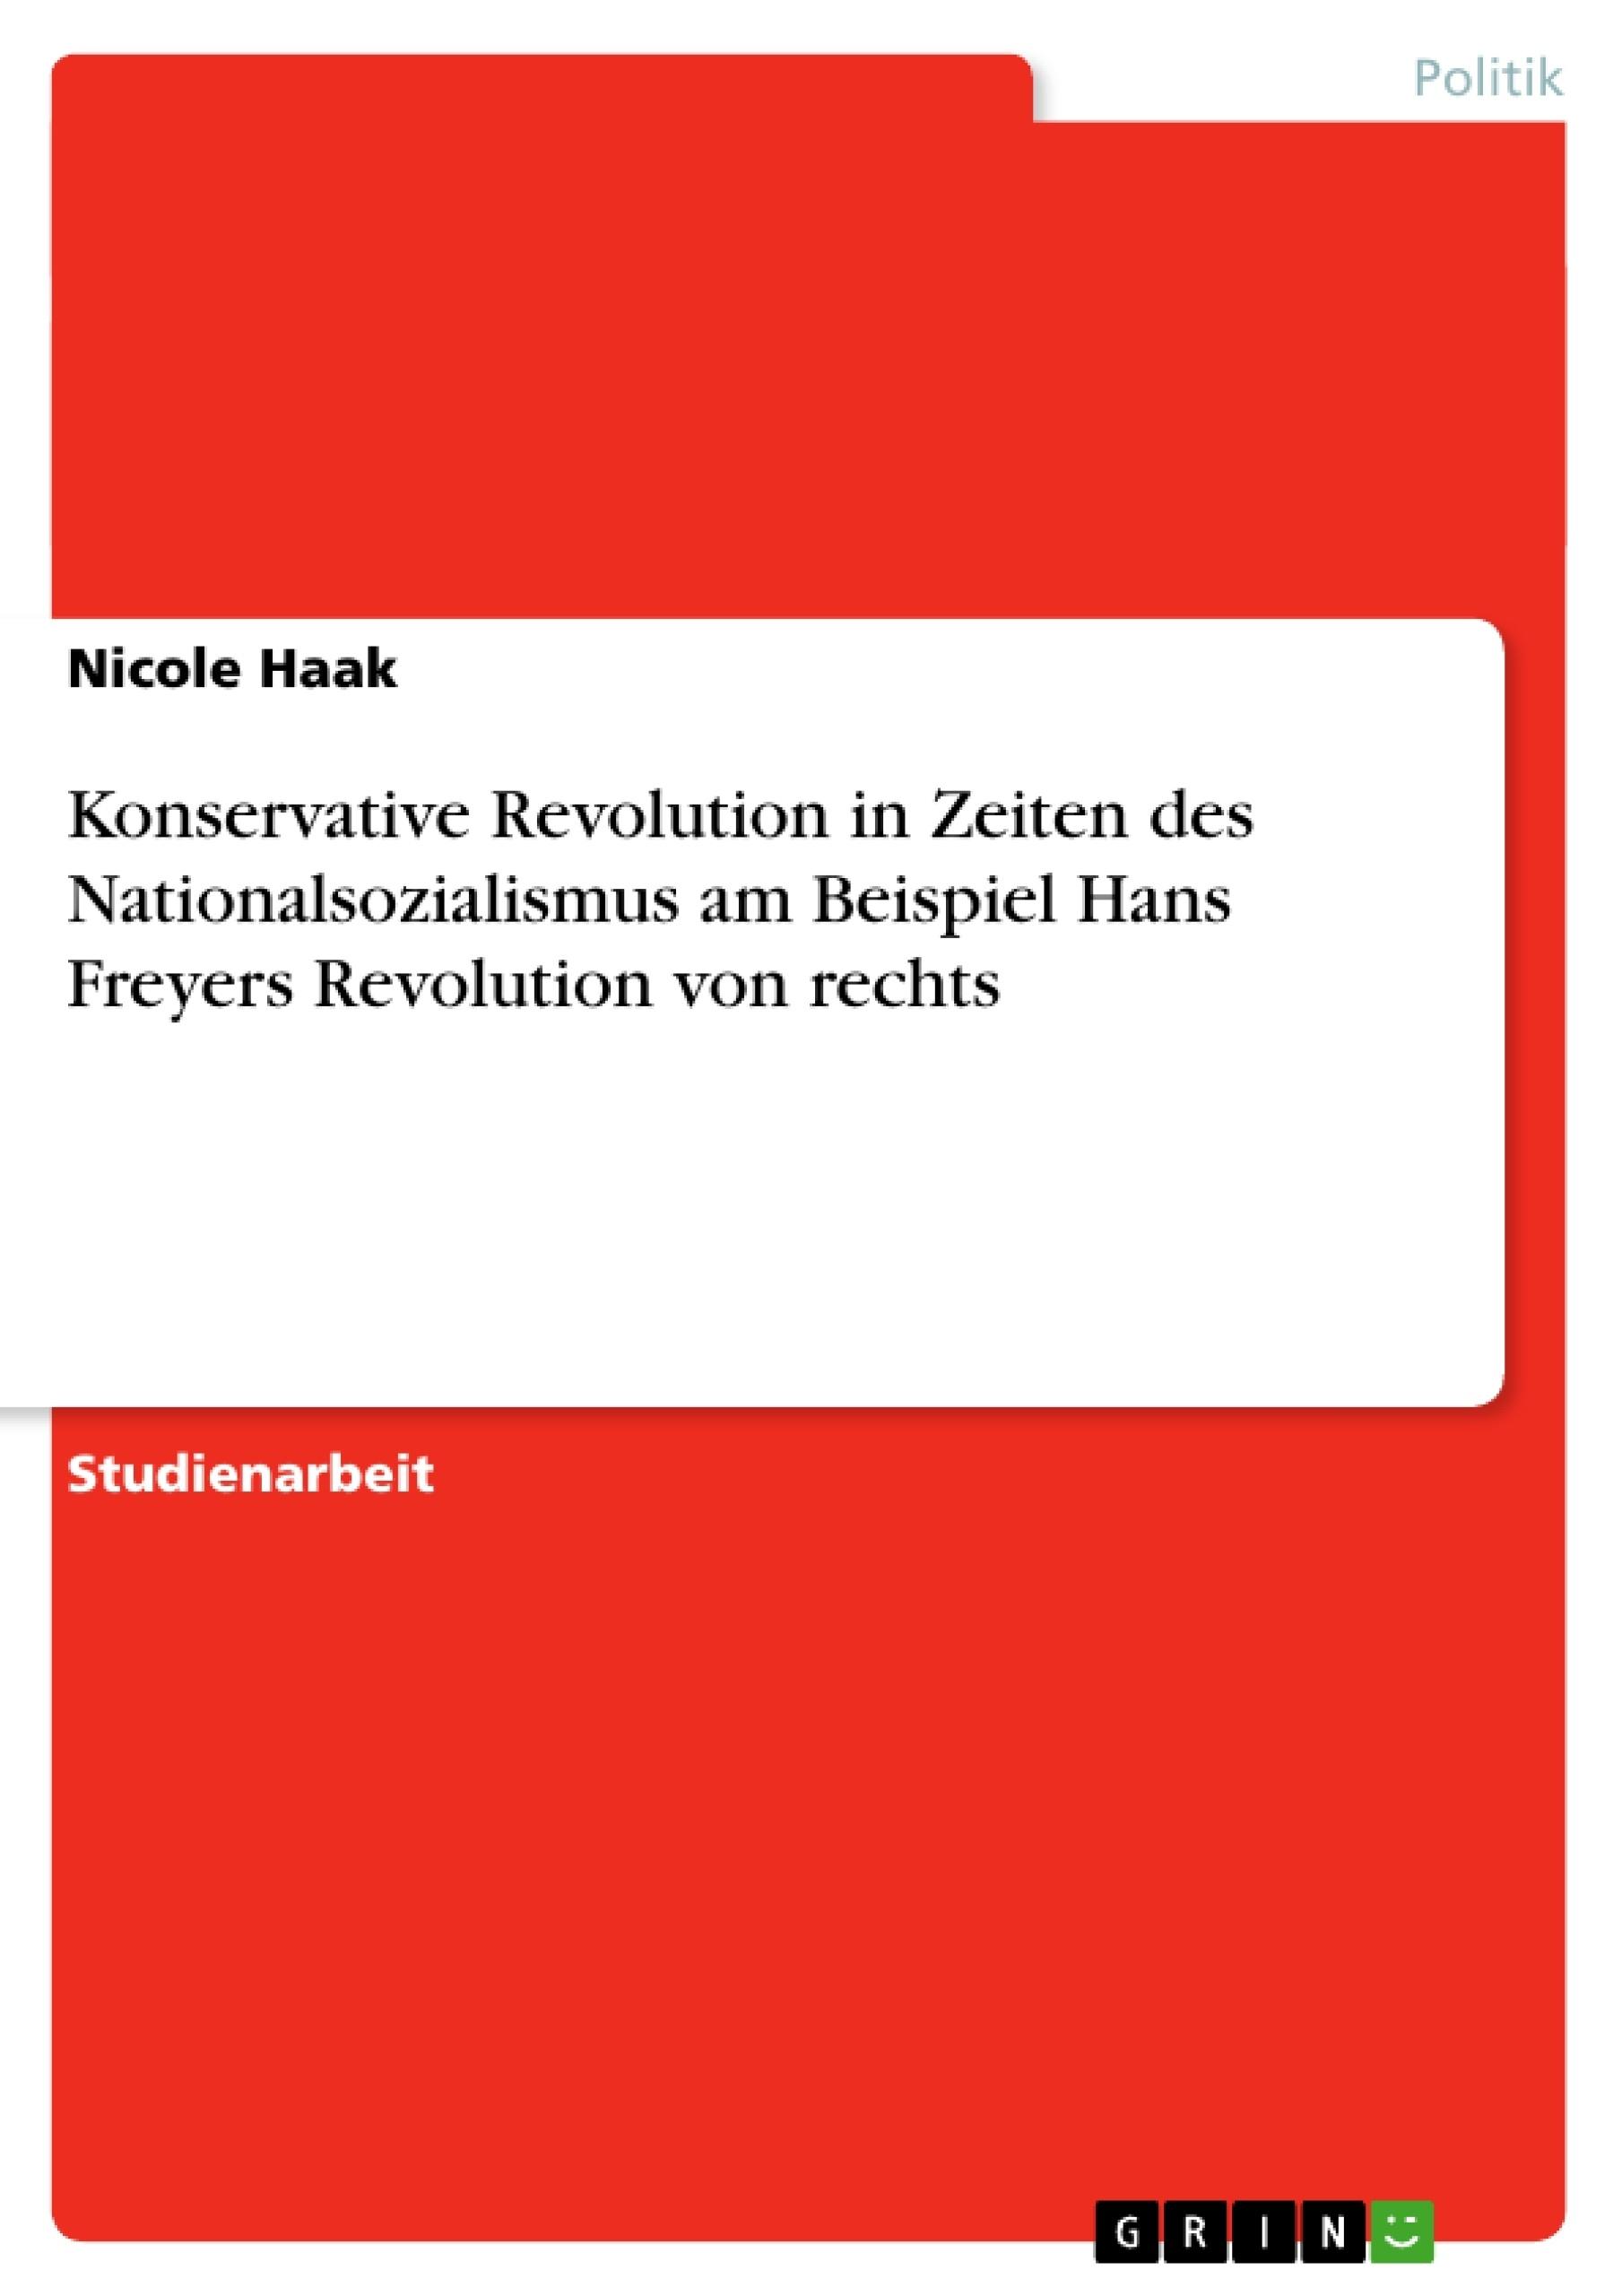 Titel: Konservative Revolution in Zeiten des Nationalsozialismus am Beispiel Hans Freyers Revolution von rechts